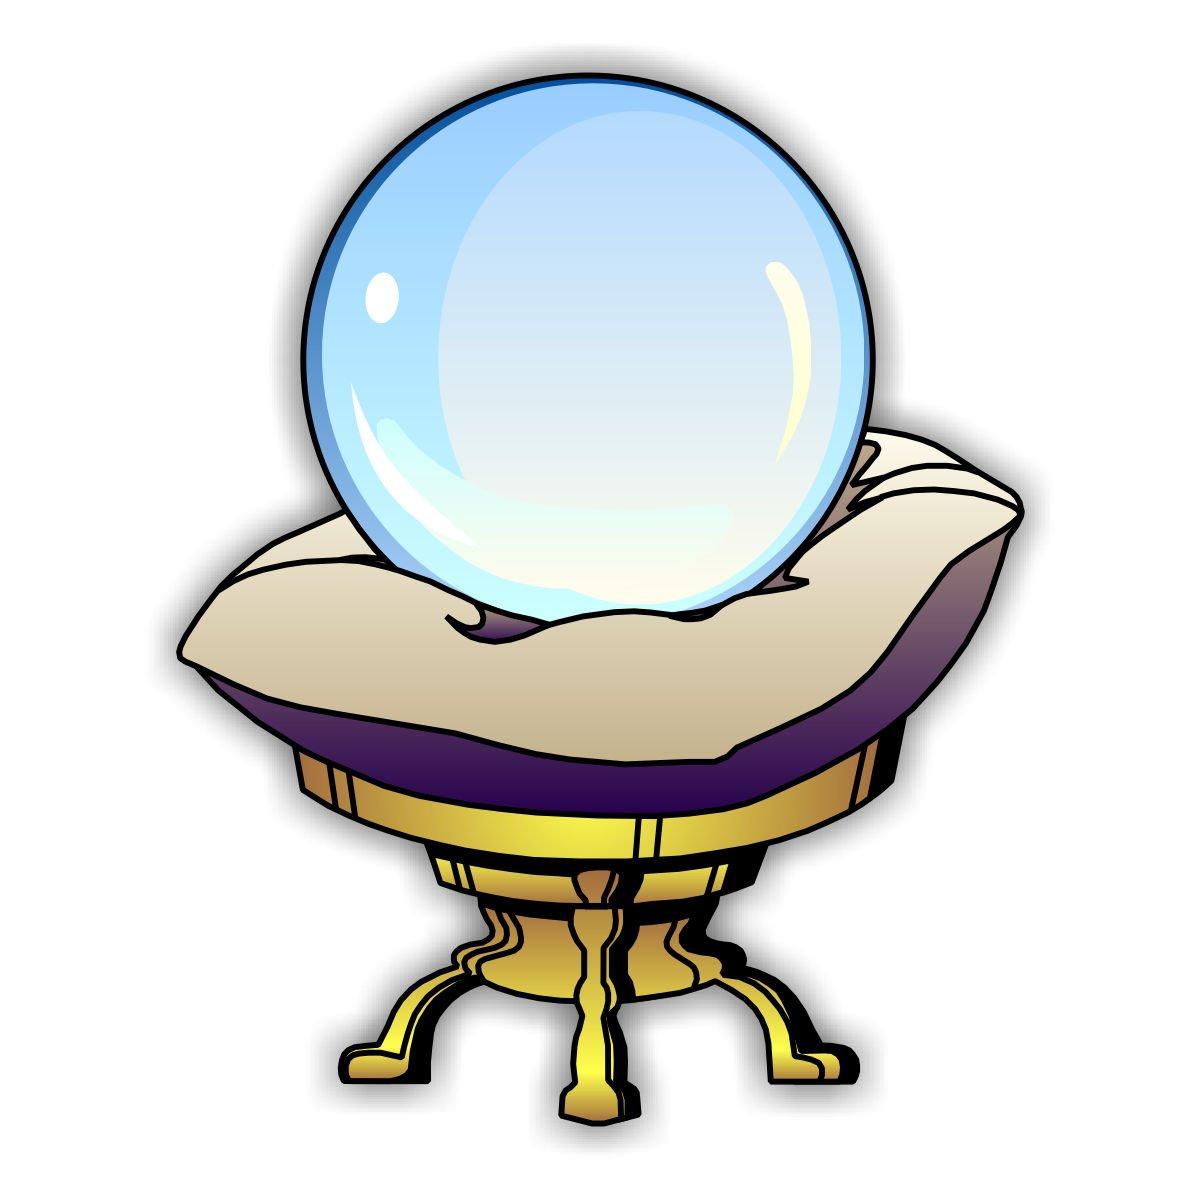 газотурбинной магический шар картинка на прозрачном фоне подбору